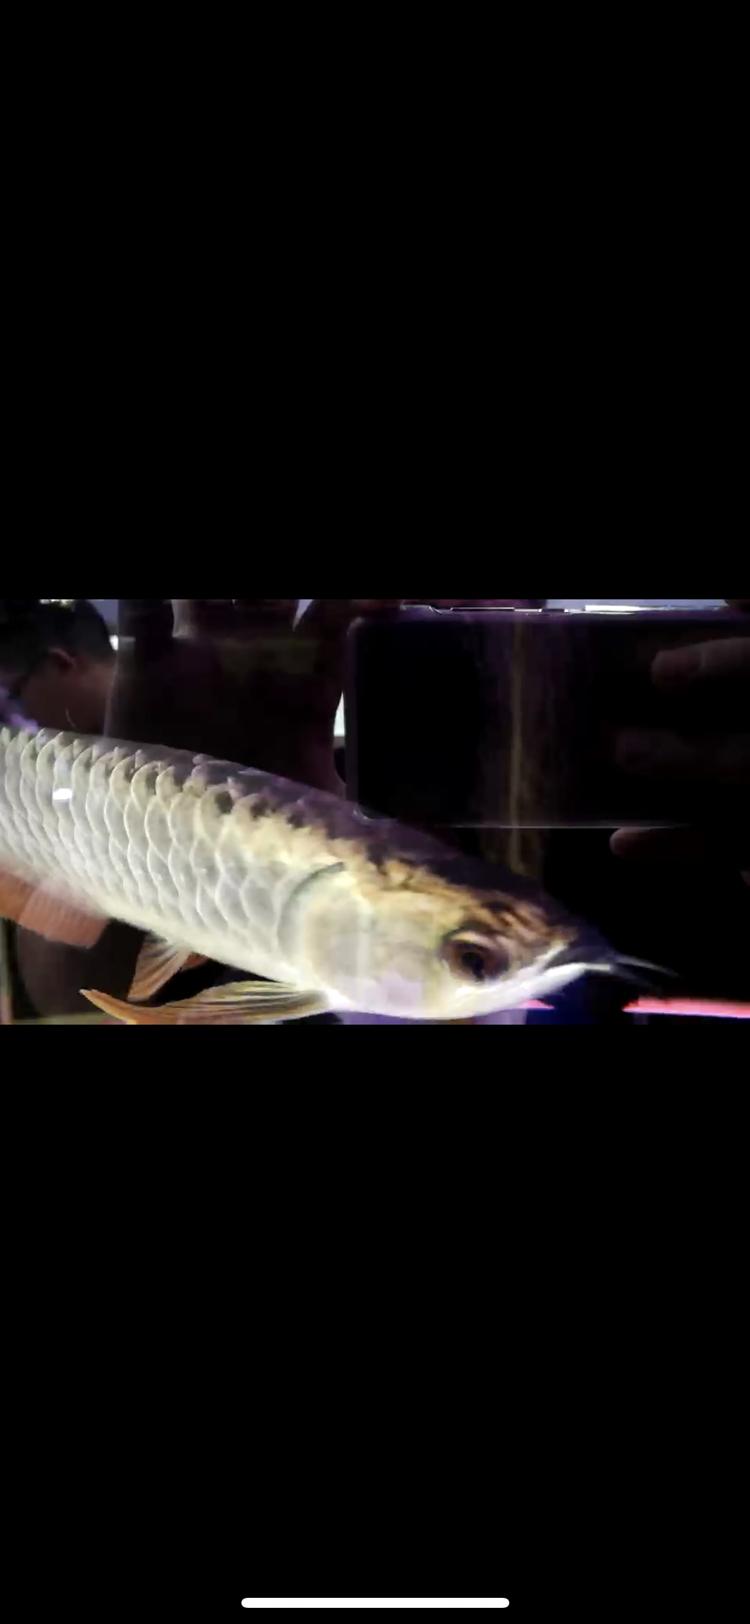 【西安豹纹夫】这只轻微掉眼的头全金龙鱼值不值 西安龙鱼论坛 西安博特第7张